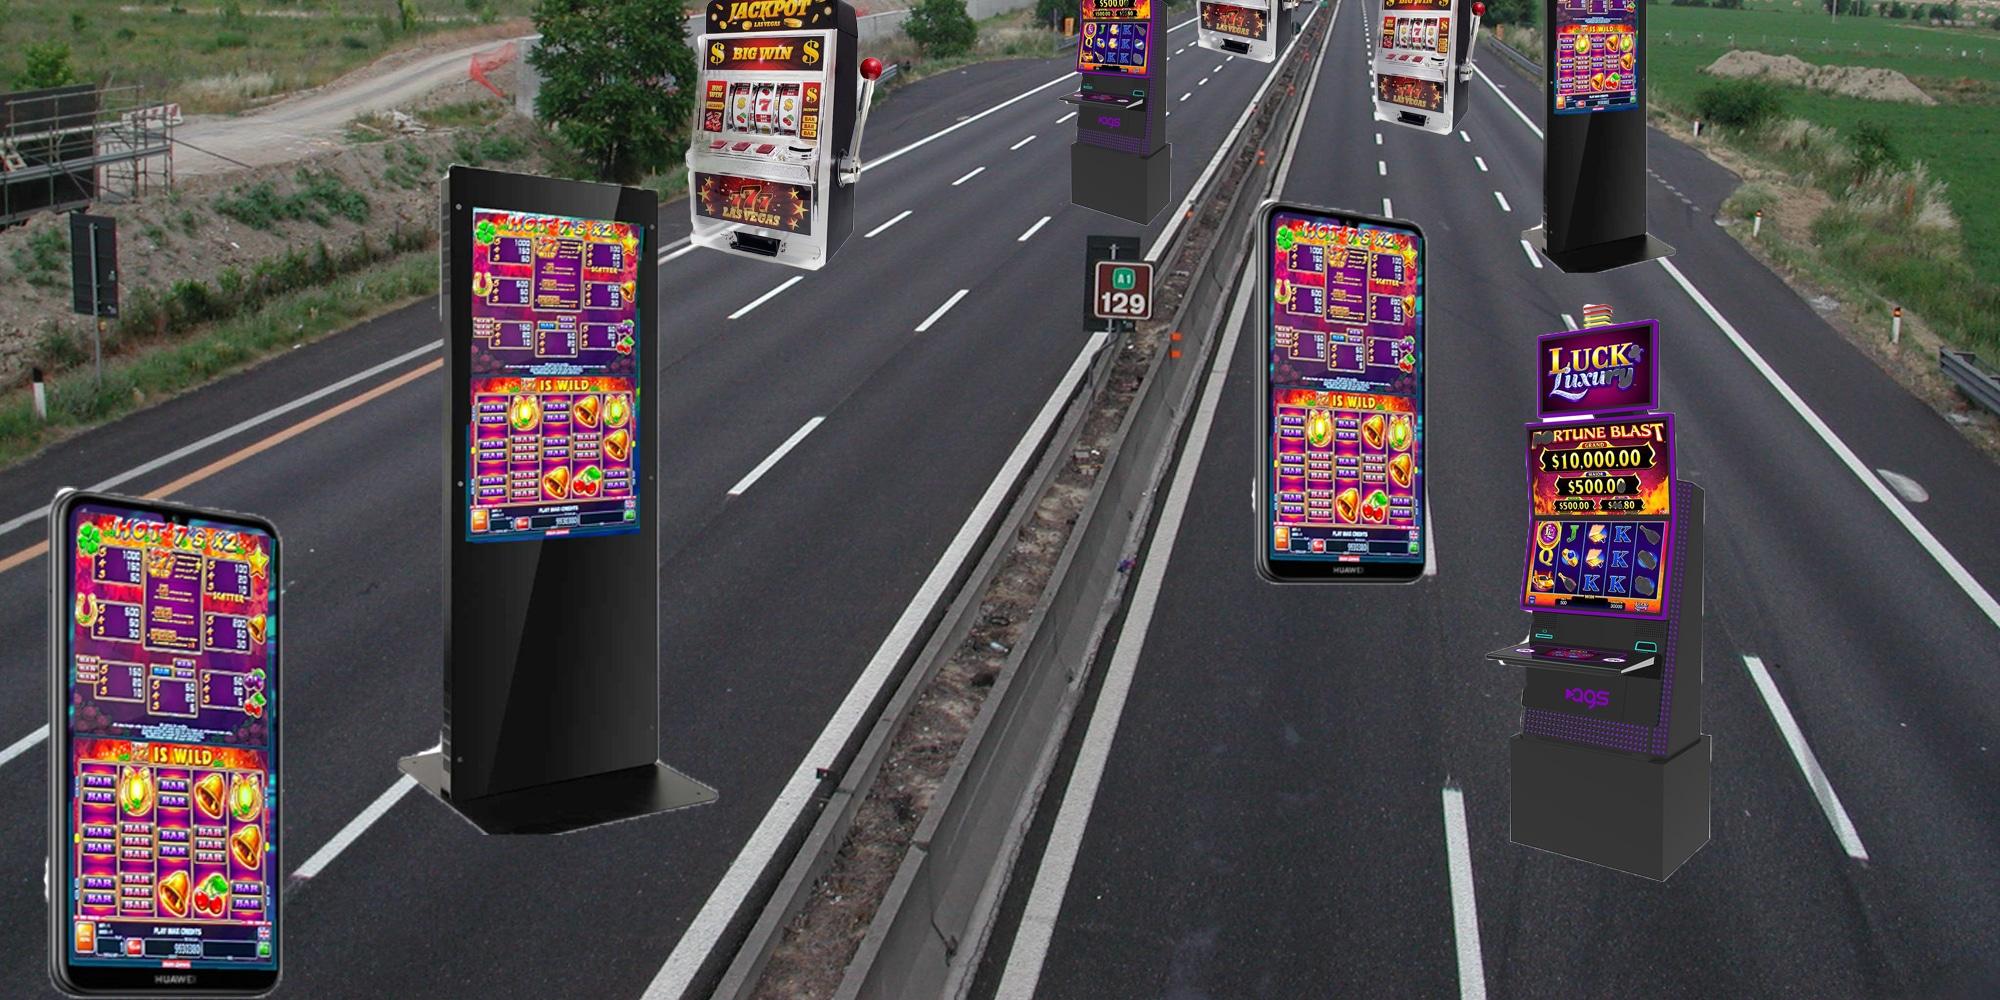 Autostrada del gioco